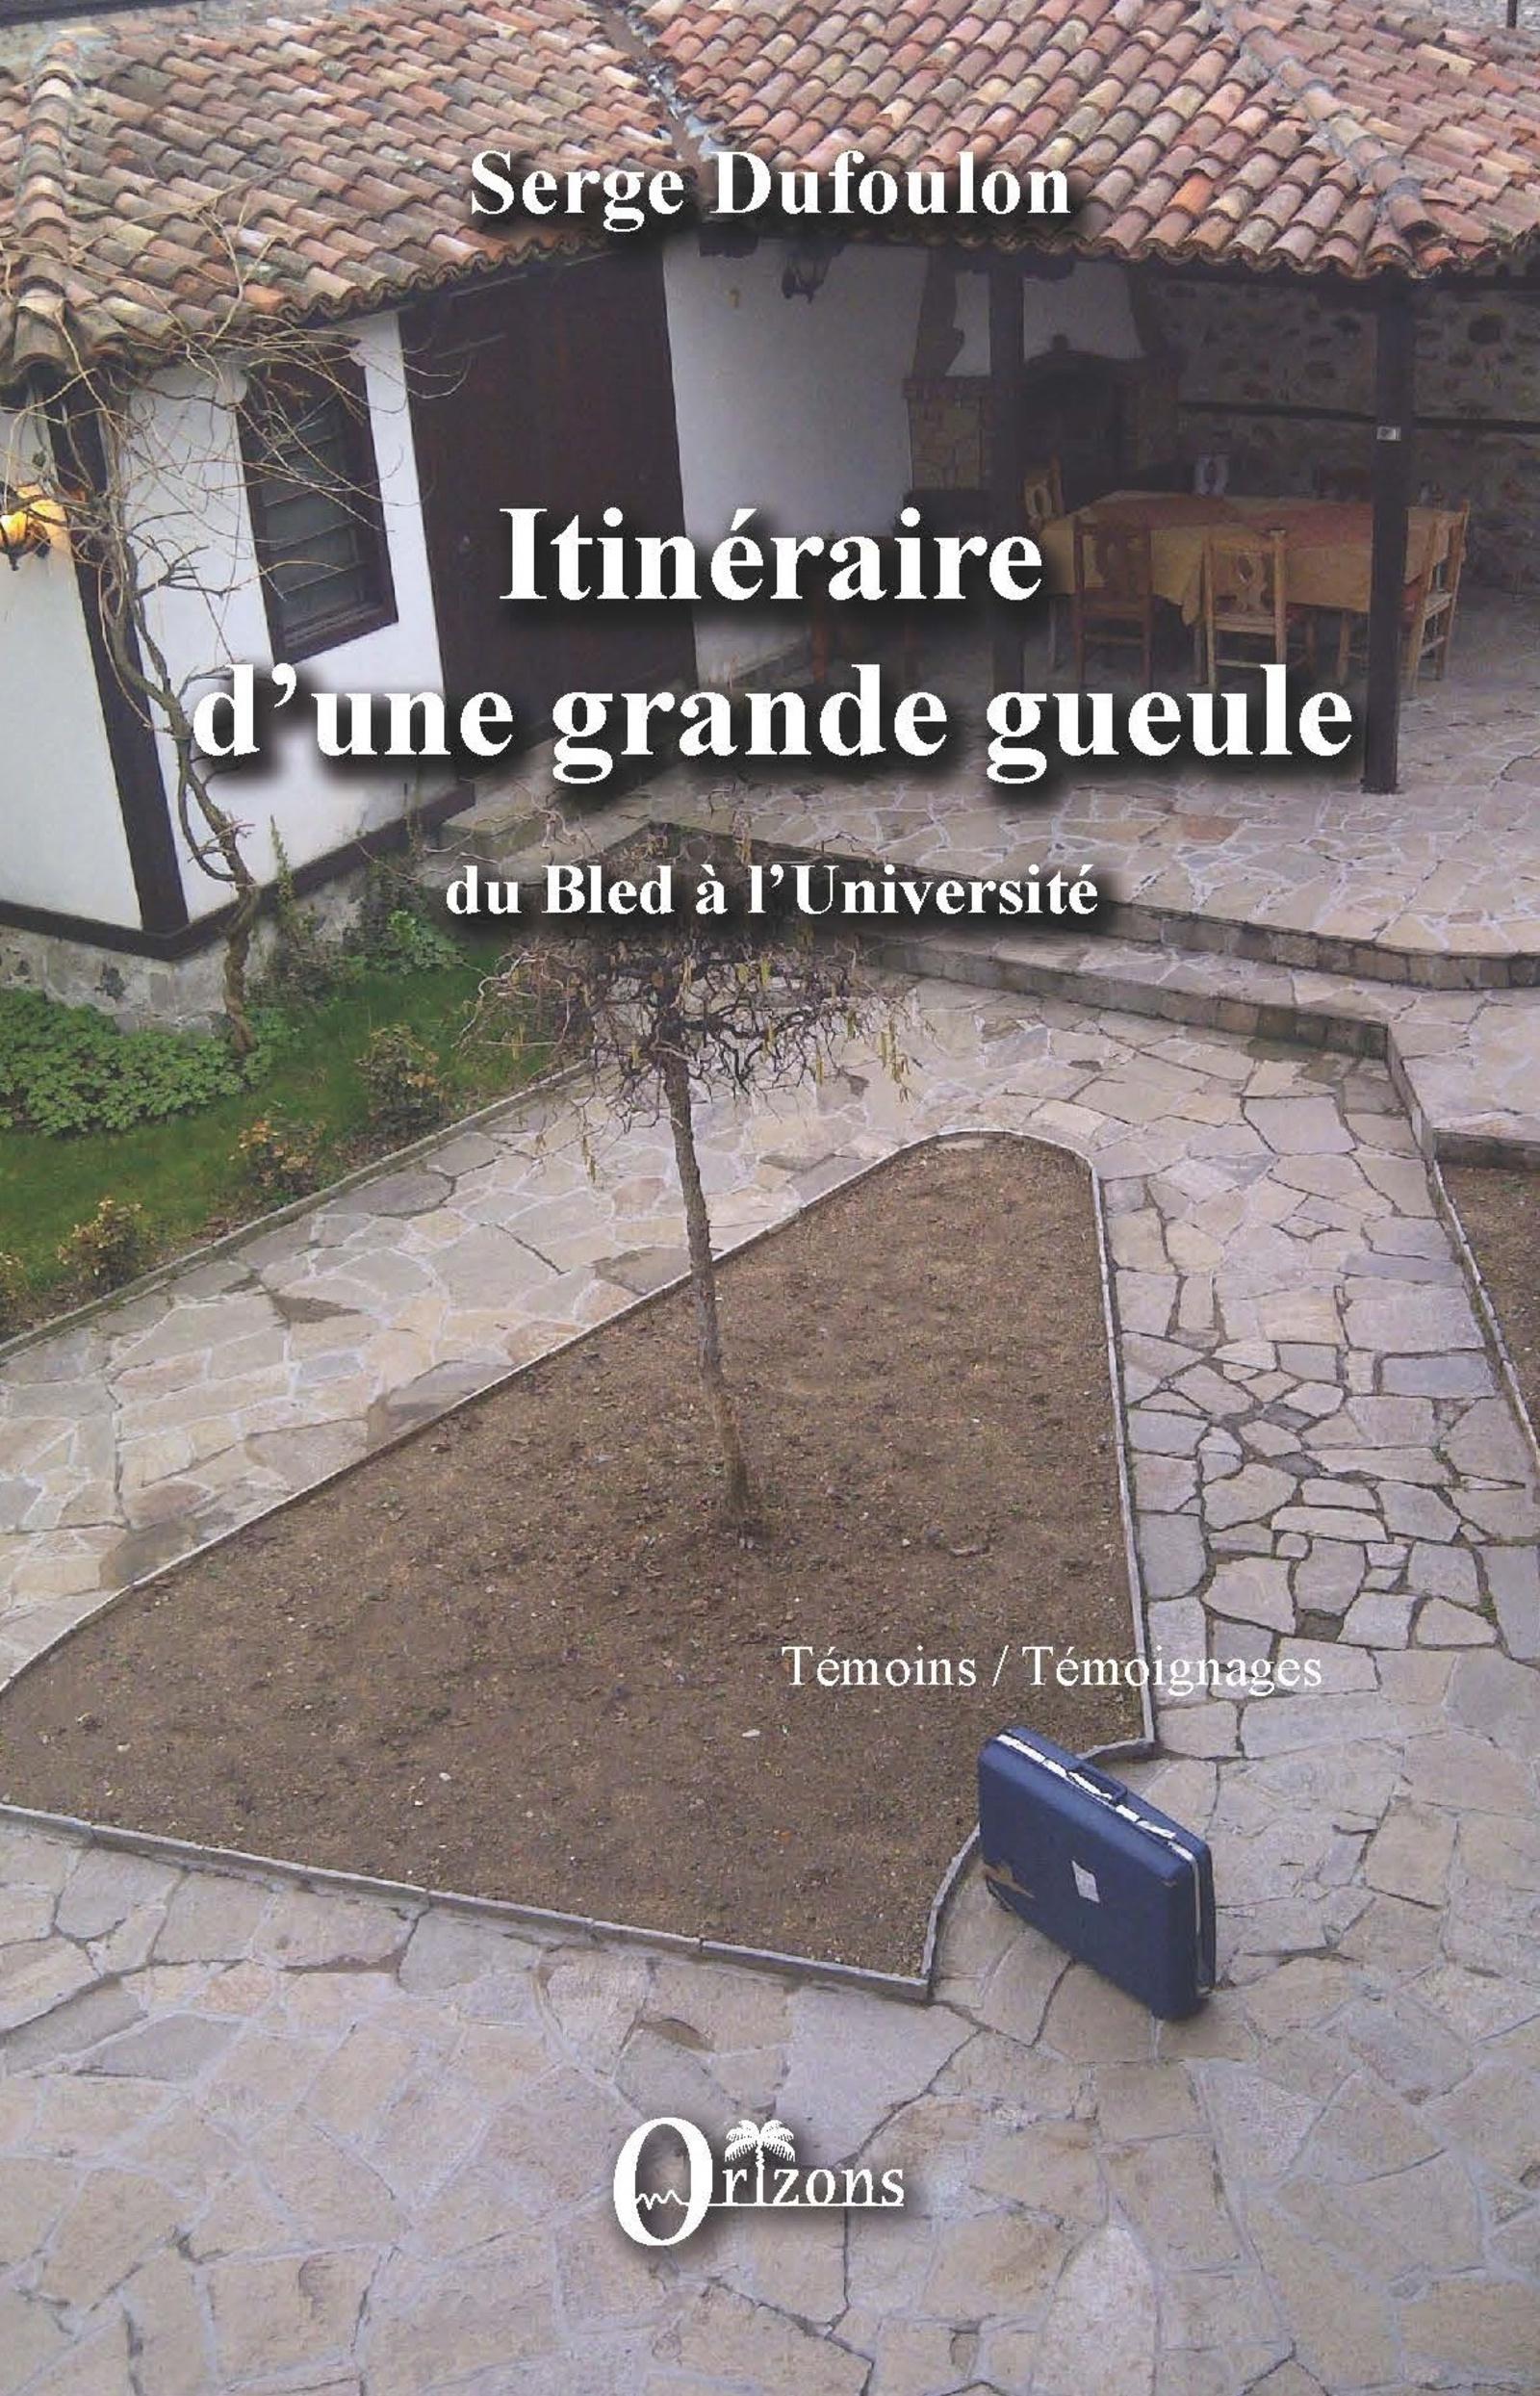 Disque Relais Induction Ikea Luxe Images Itinéraire D Une Grande Gueule Du Bled  L Université Serge